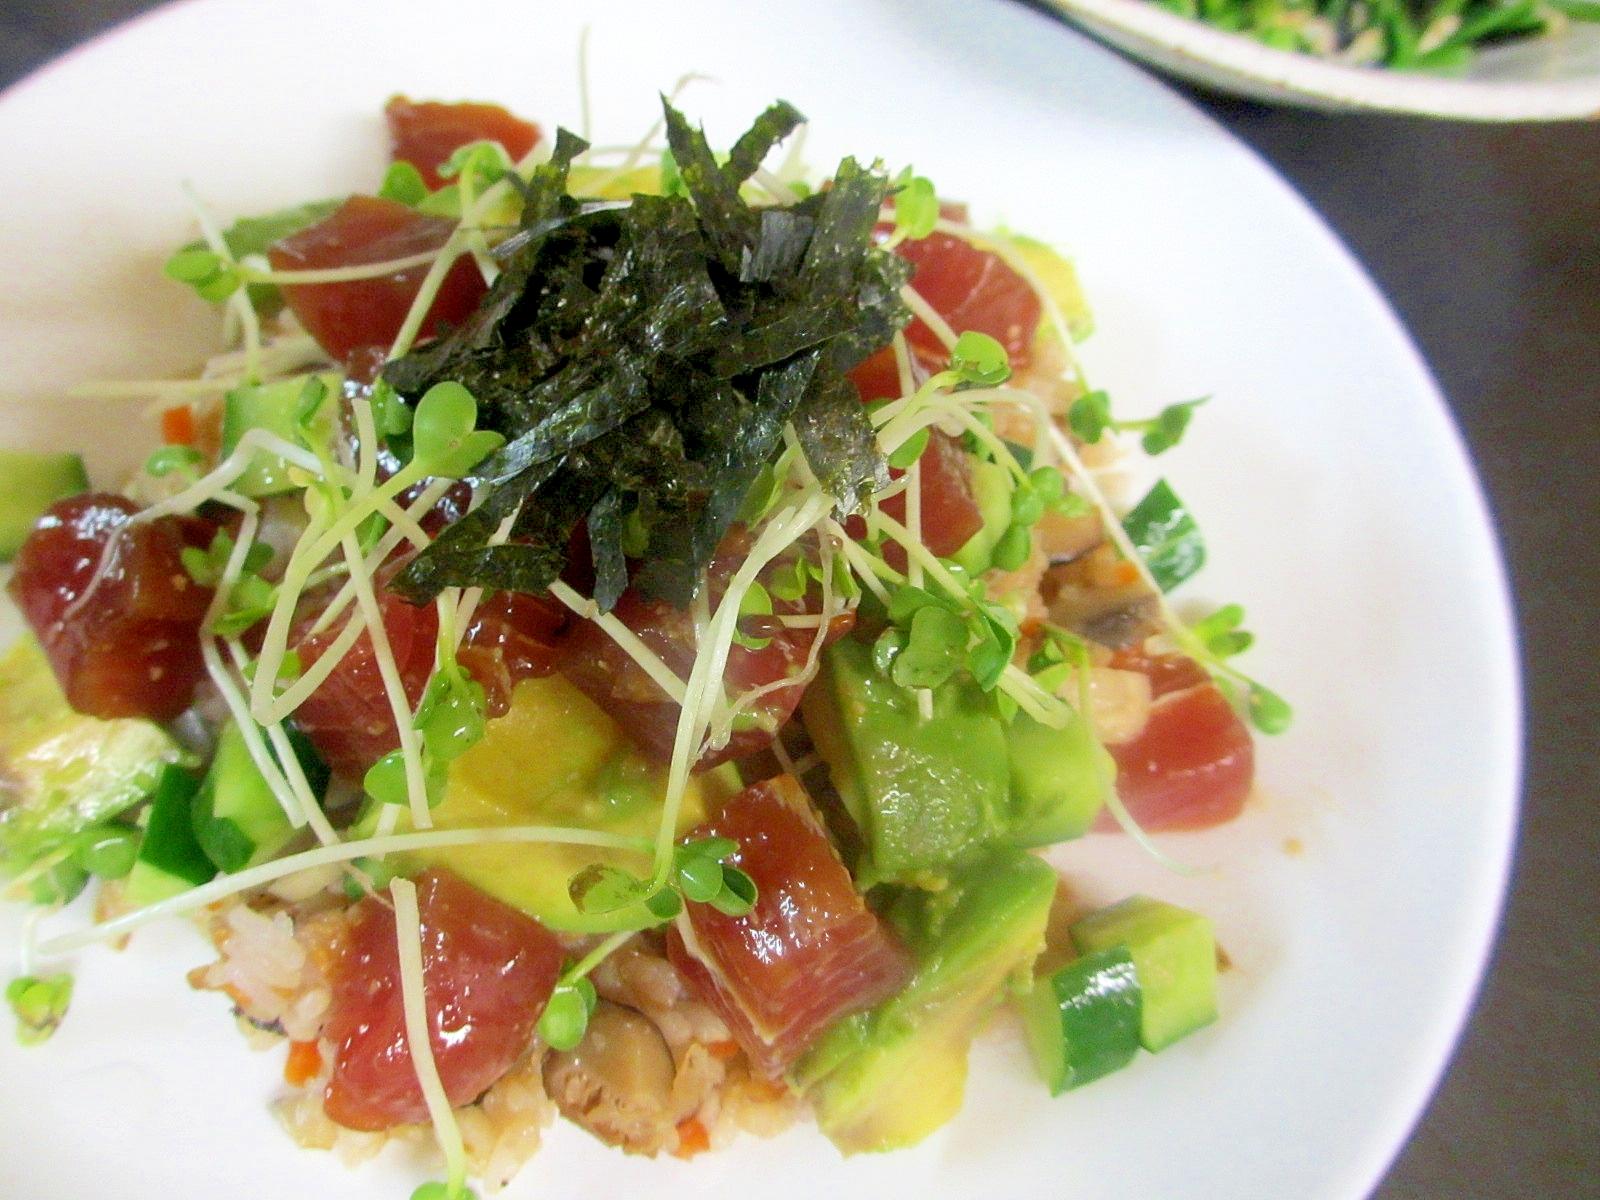 〔お手伝いレシピ〕アボカドマグロミョウガ散らし寿司